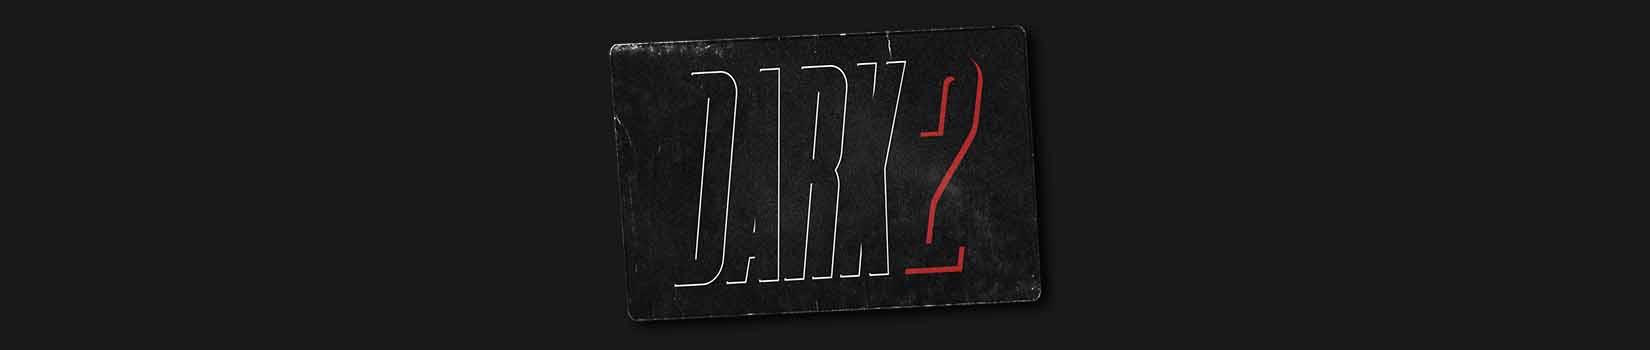 8 zero 8 Productions